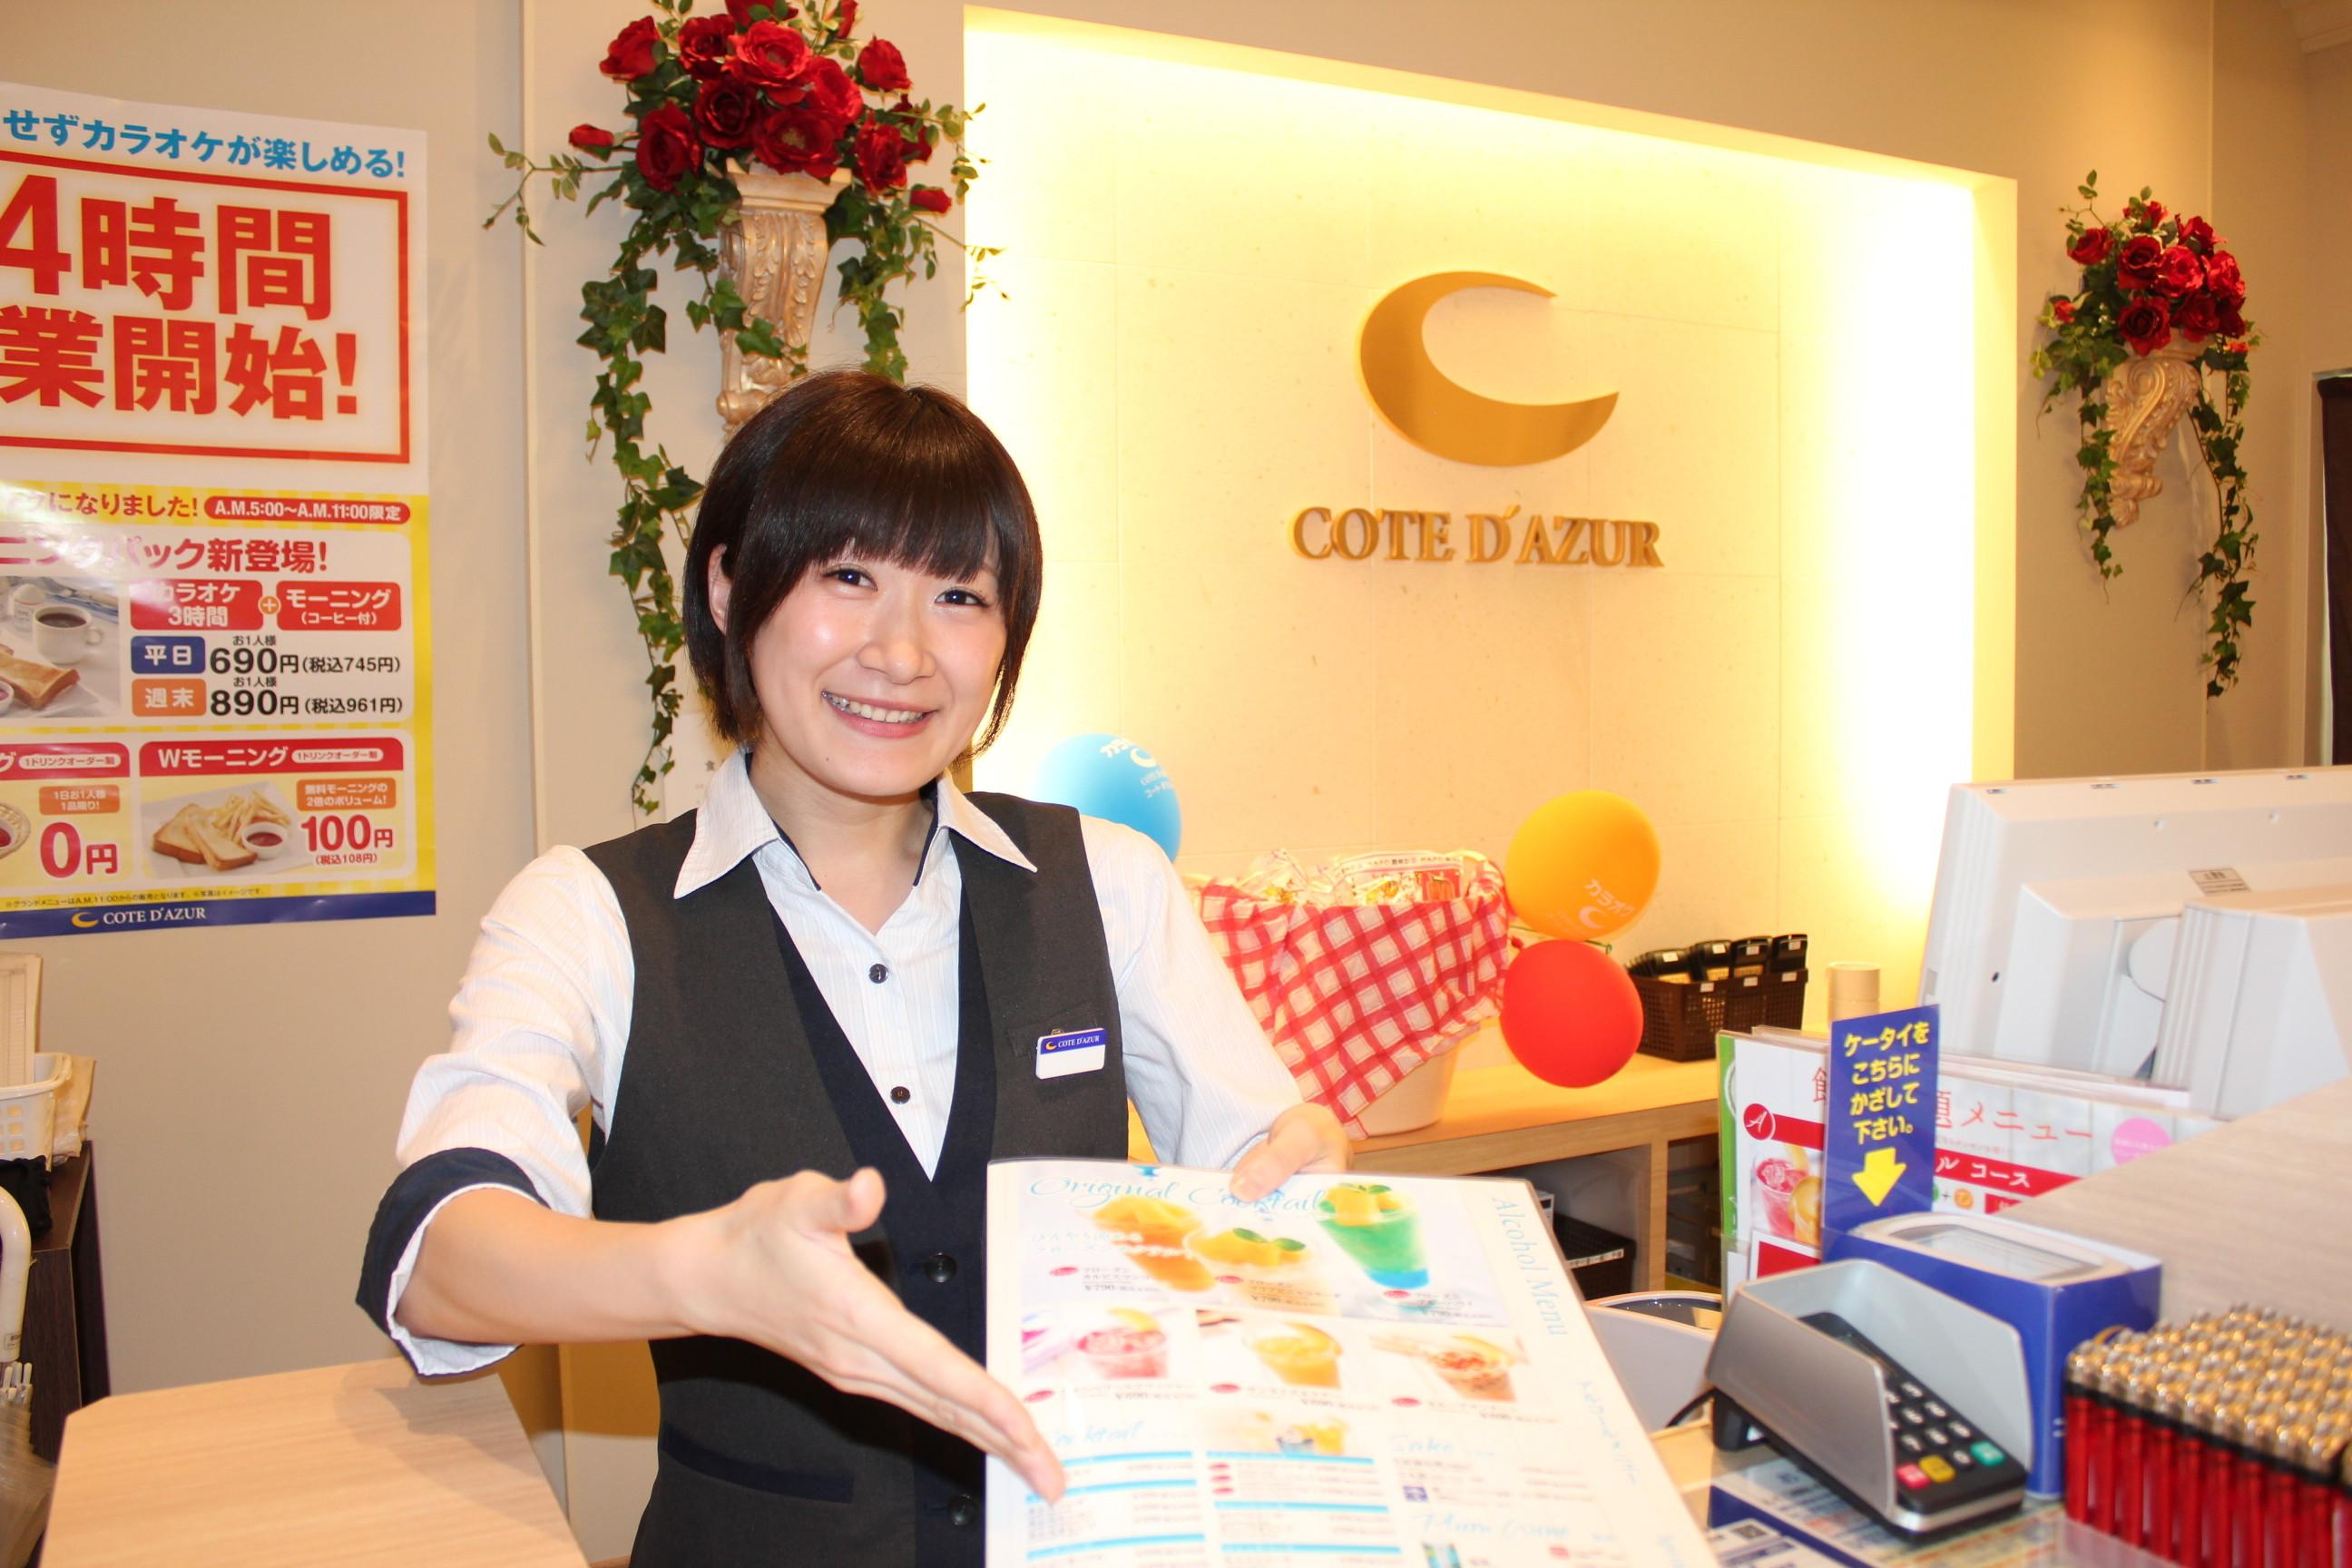 コート・ダジュール 若槻店 のアルバイト情報